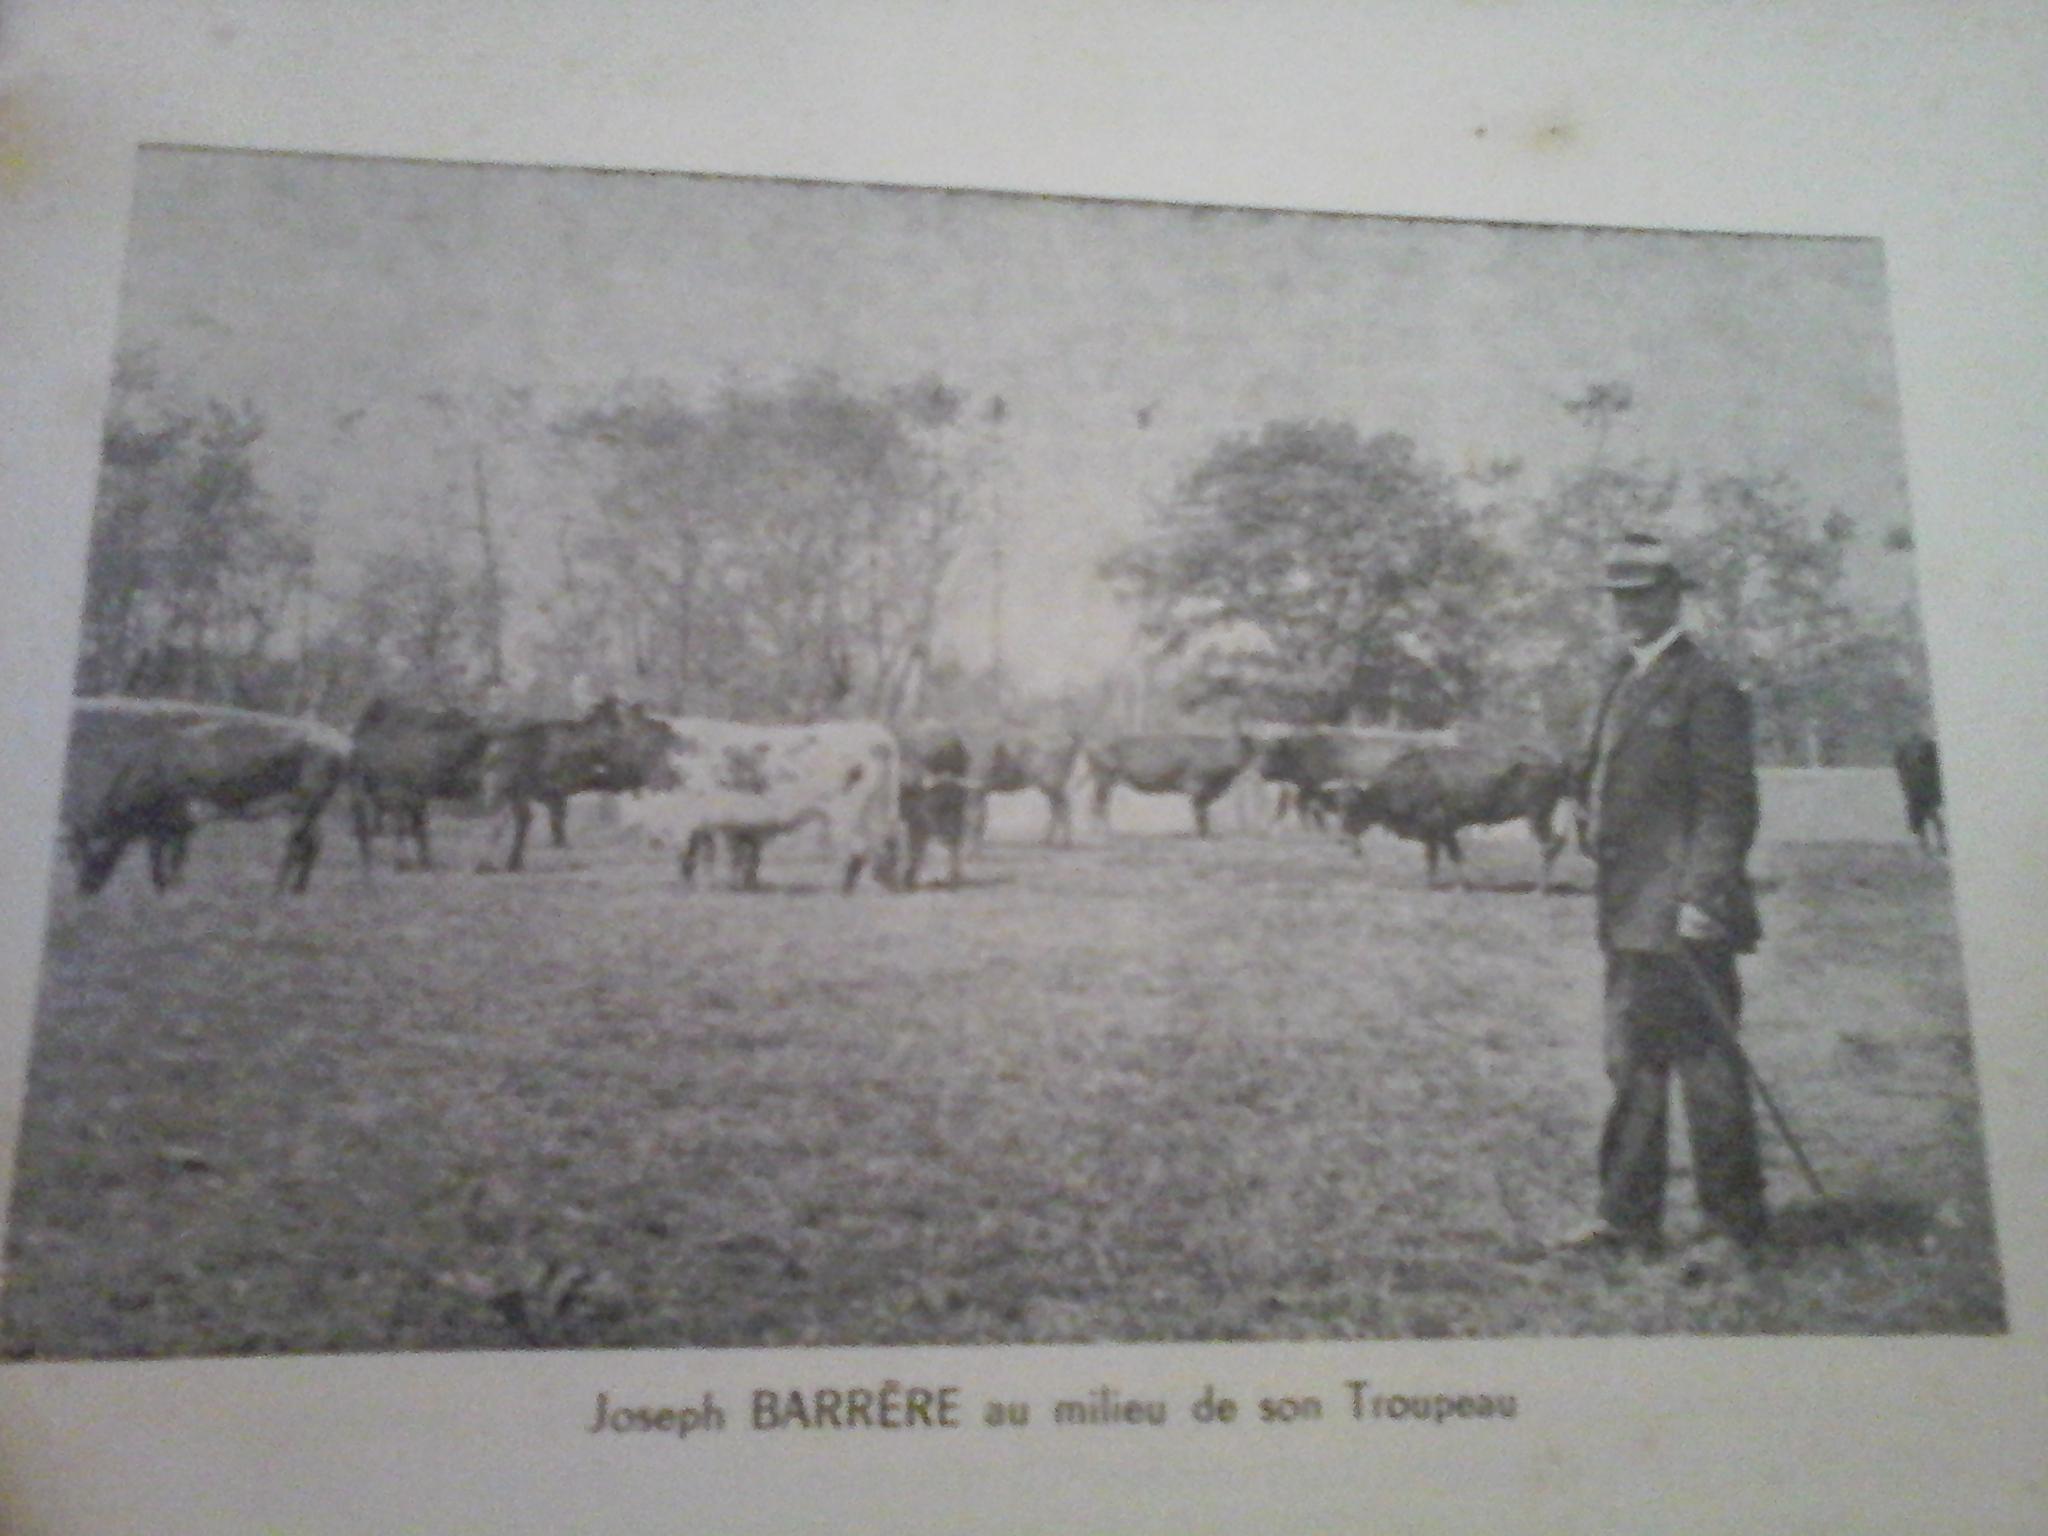 Joseph Barrère au milieu de son troupeau